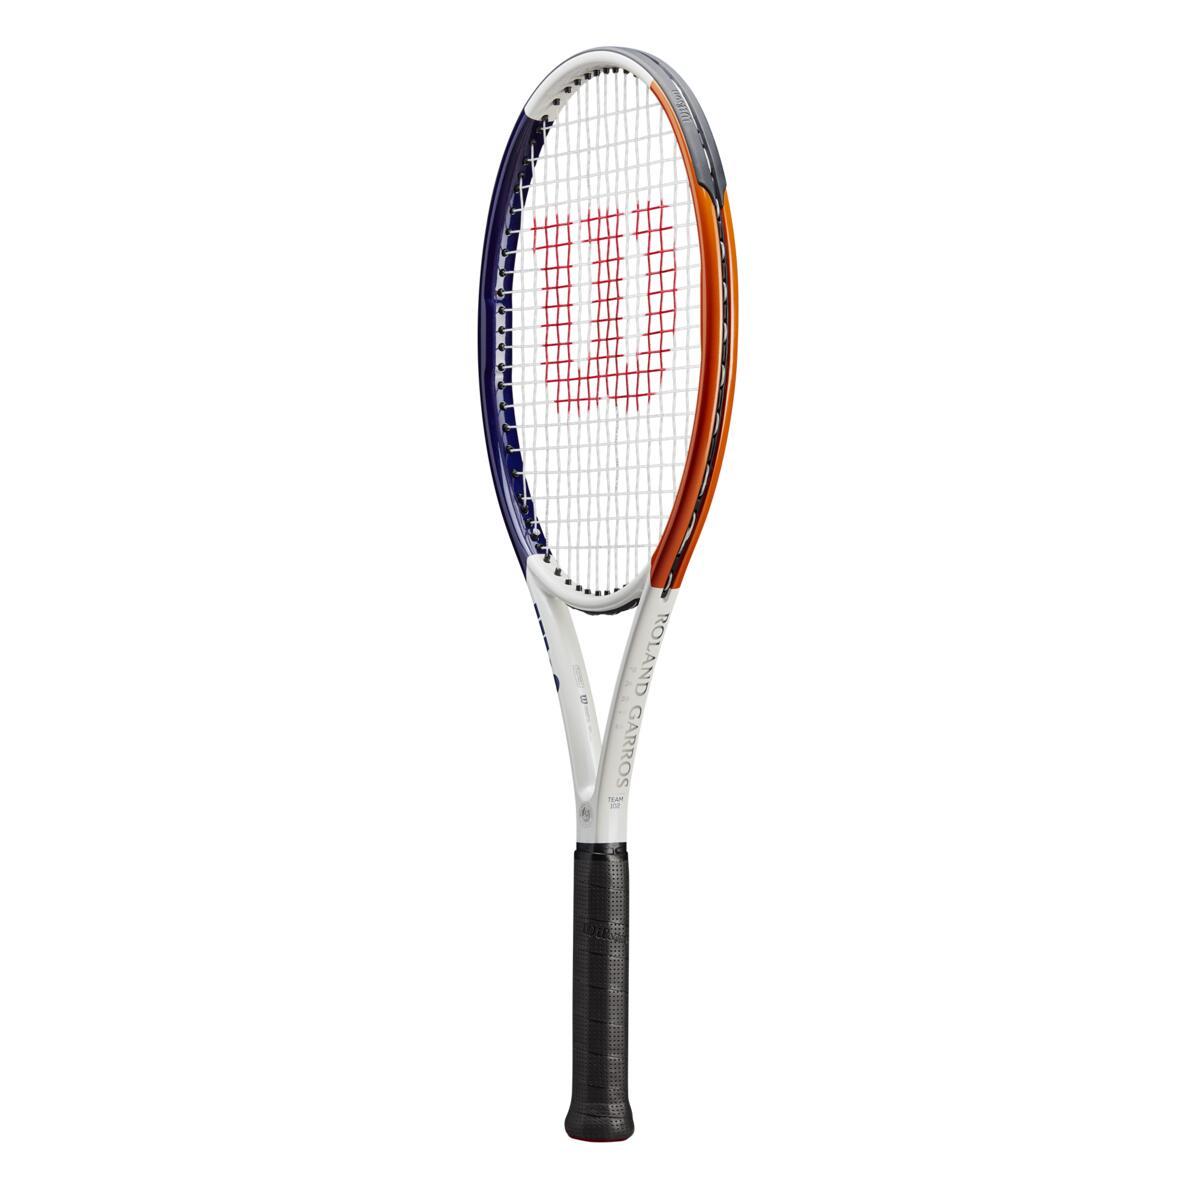 WR030310U_2_Roland_Garros_Team_102_WH_NV_OR.png.cq5dam.web.1200.1200